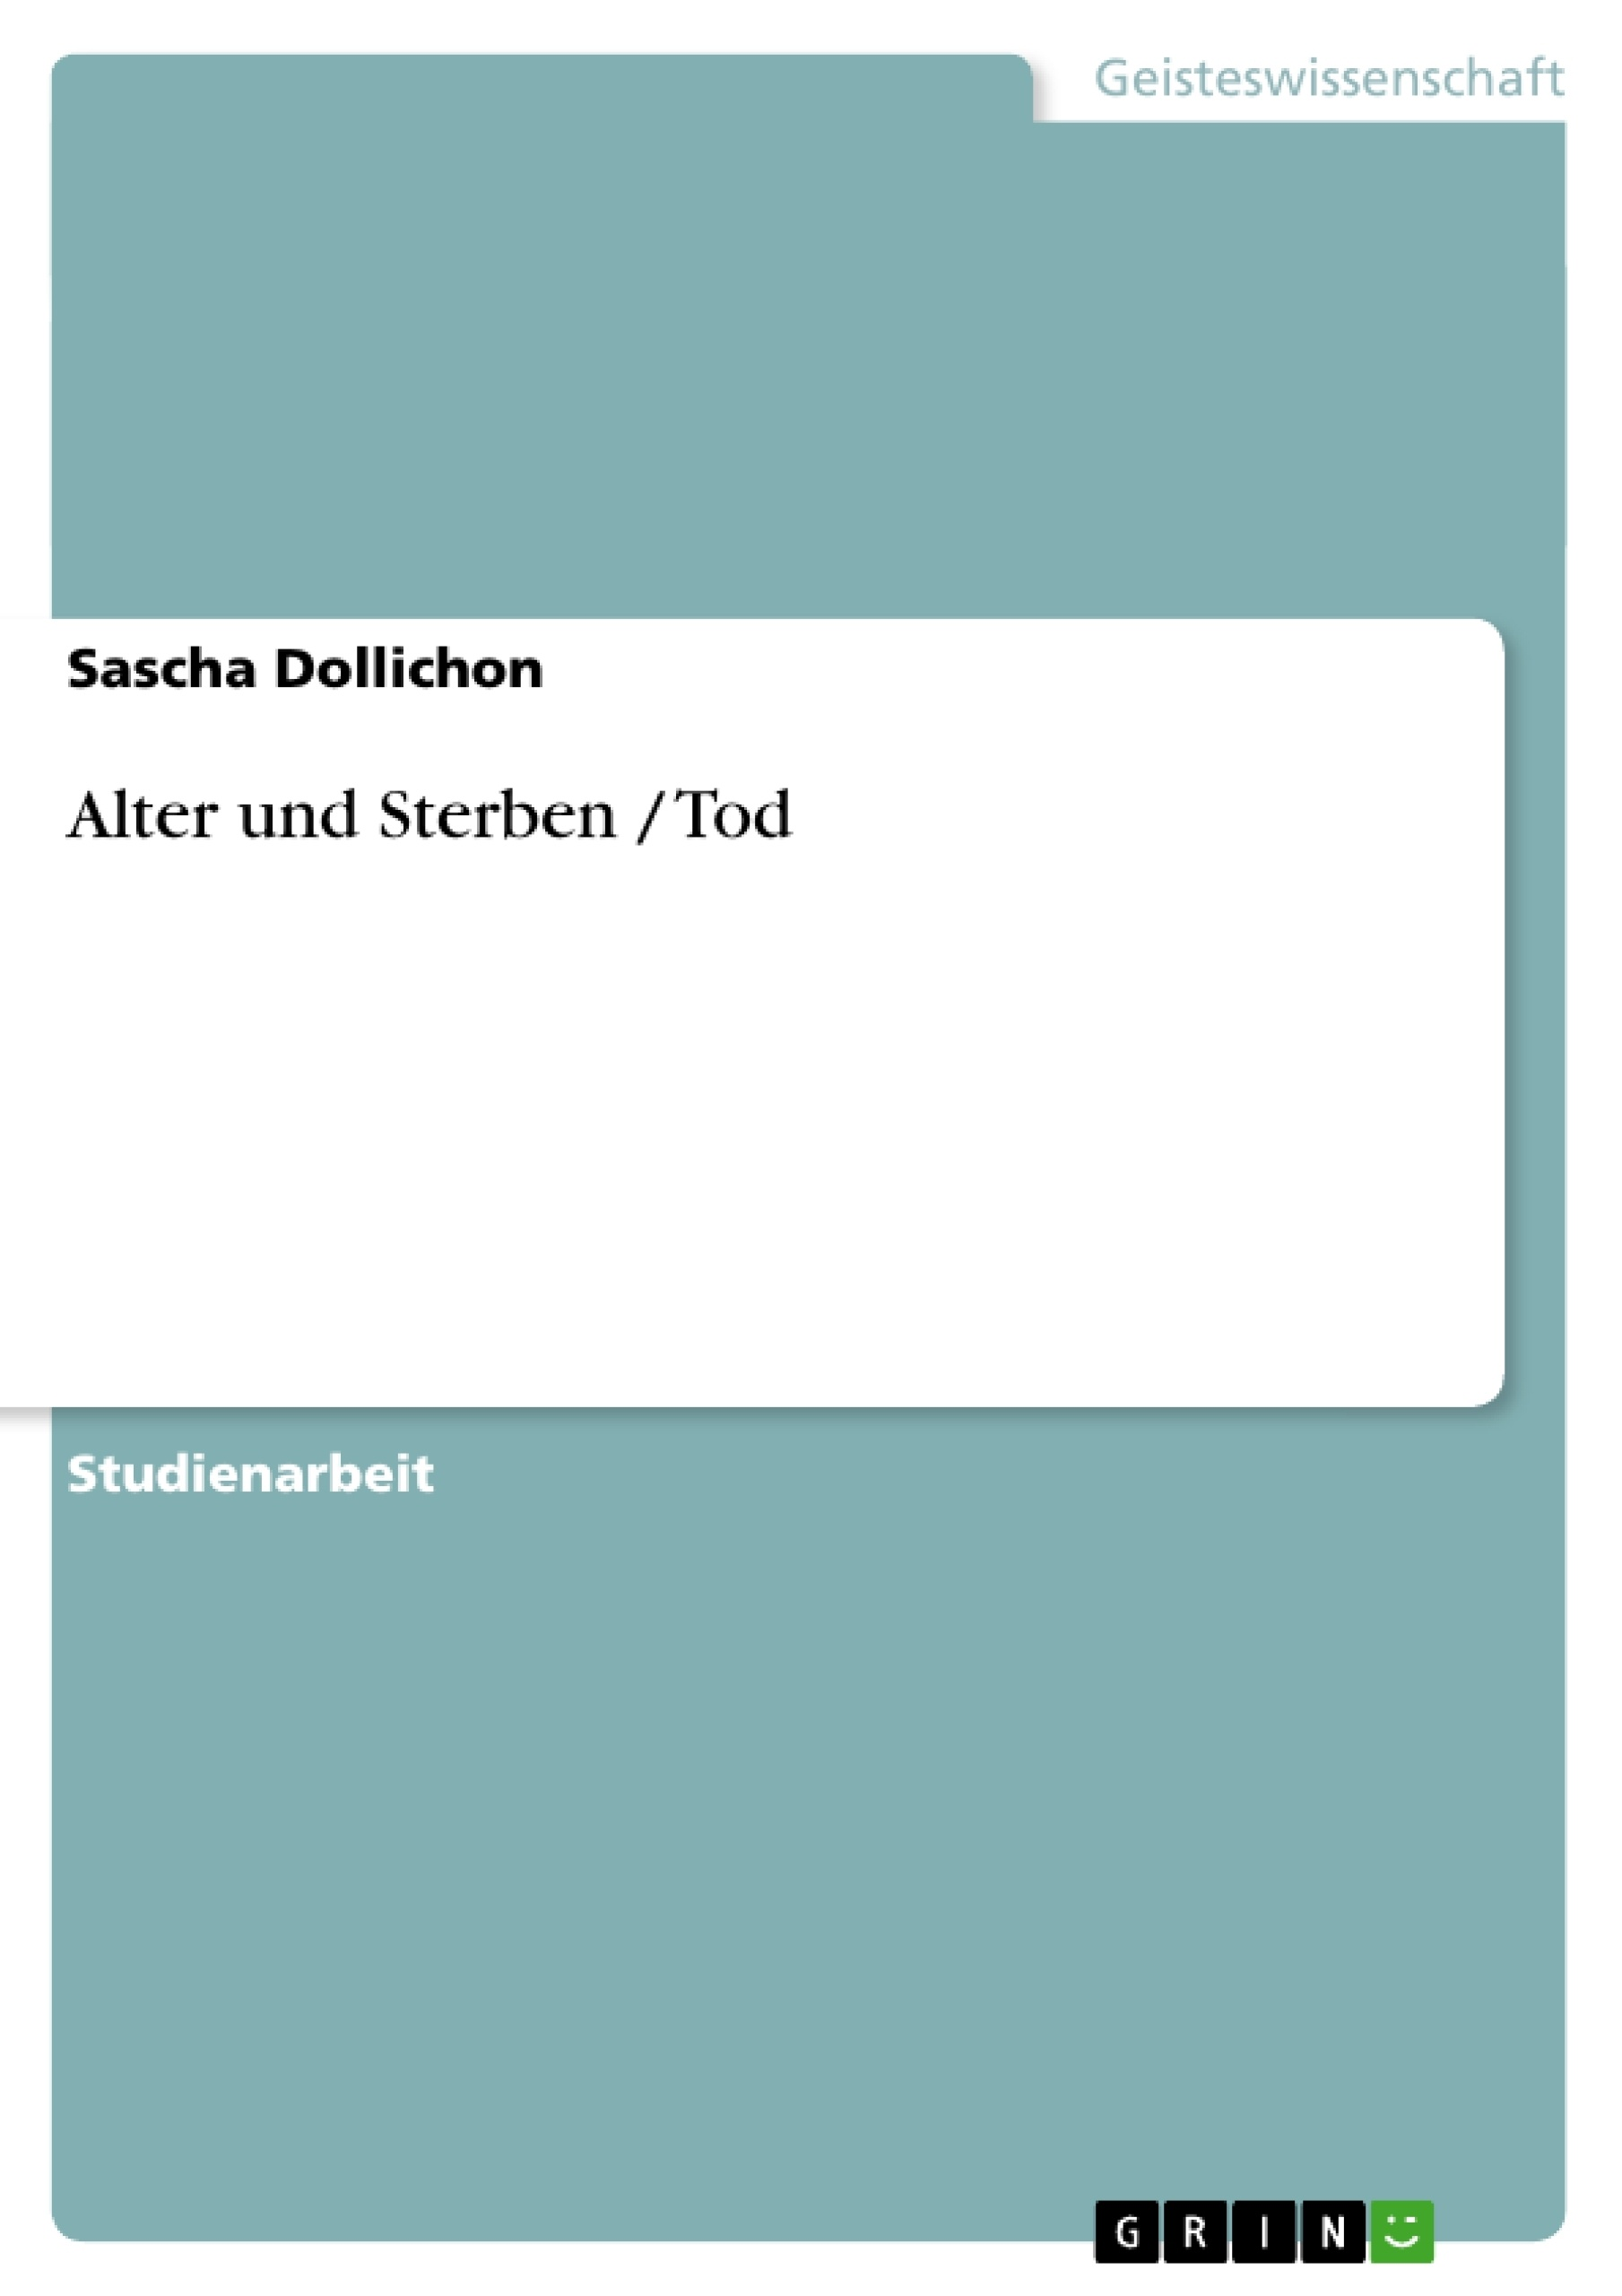 Titel: Alter und Sterben / Tod